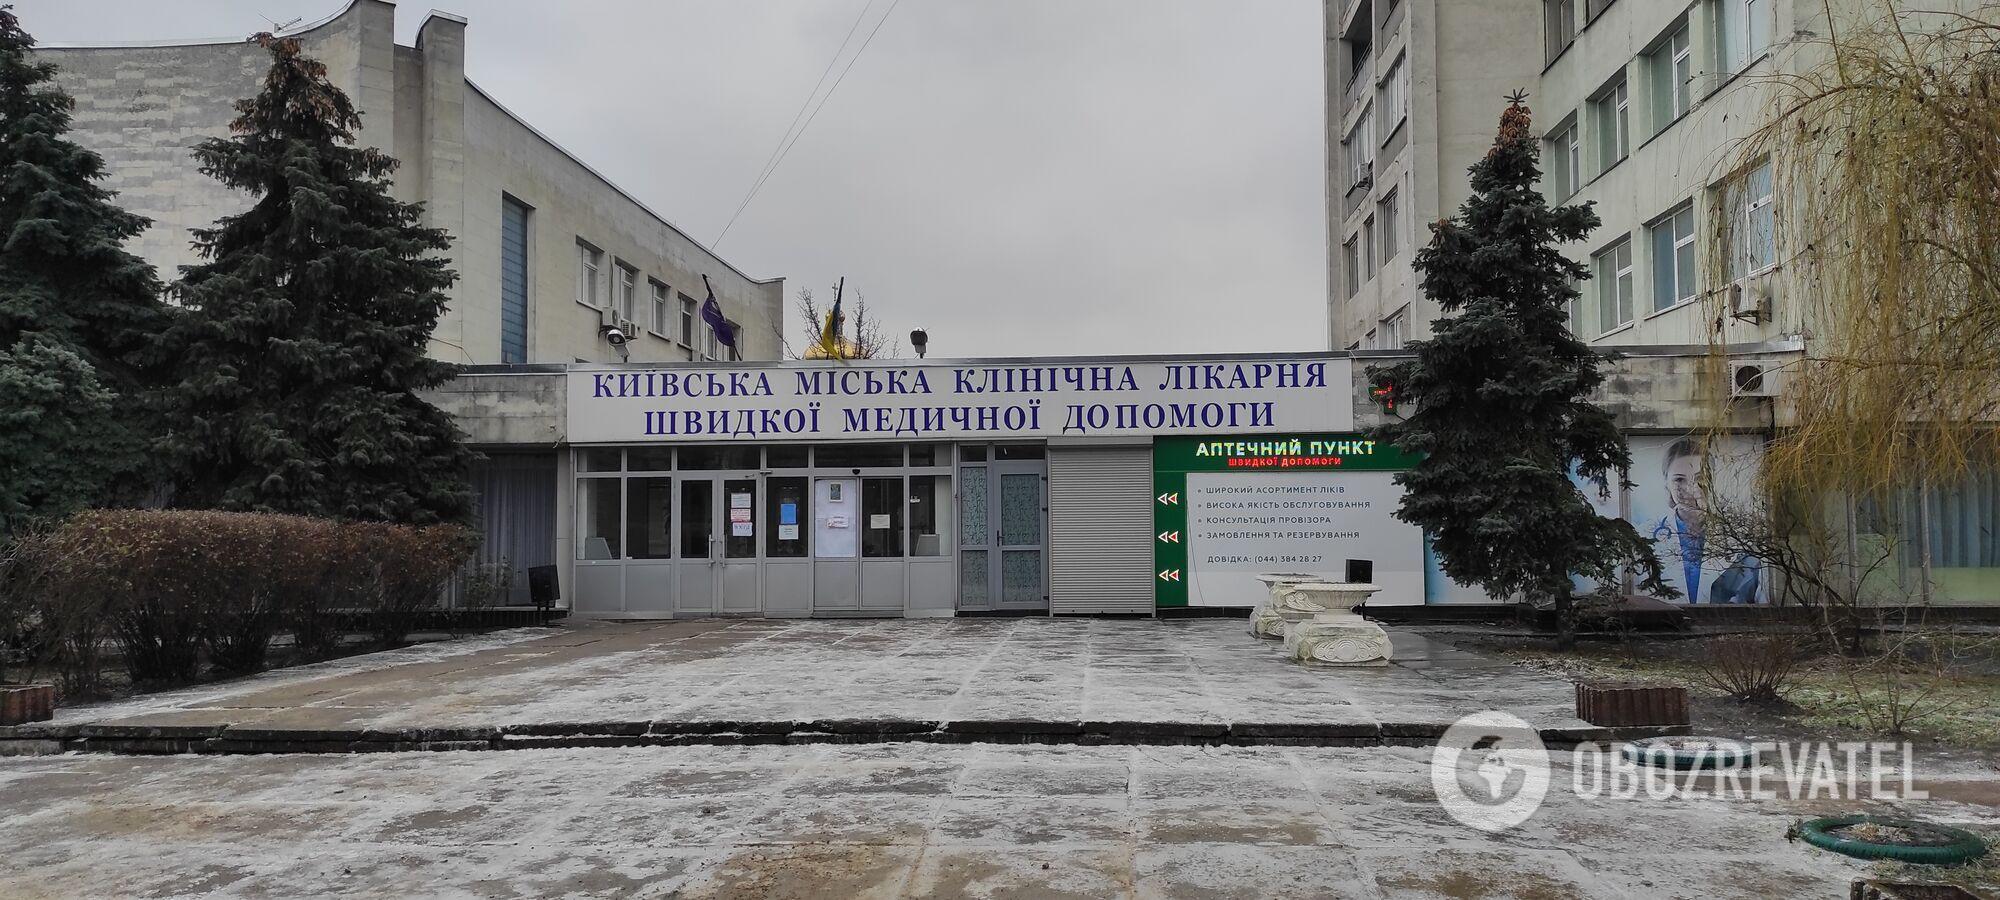 Киевская городская клиническая Больница скорой медицинской помощи.